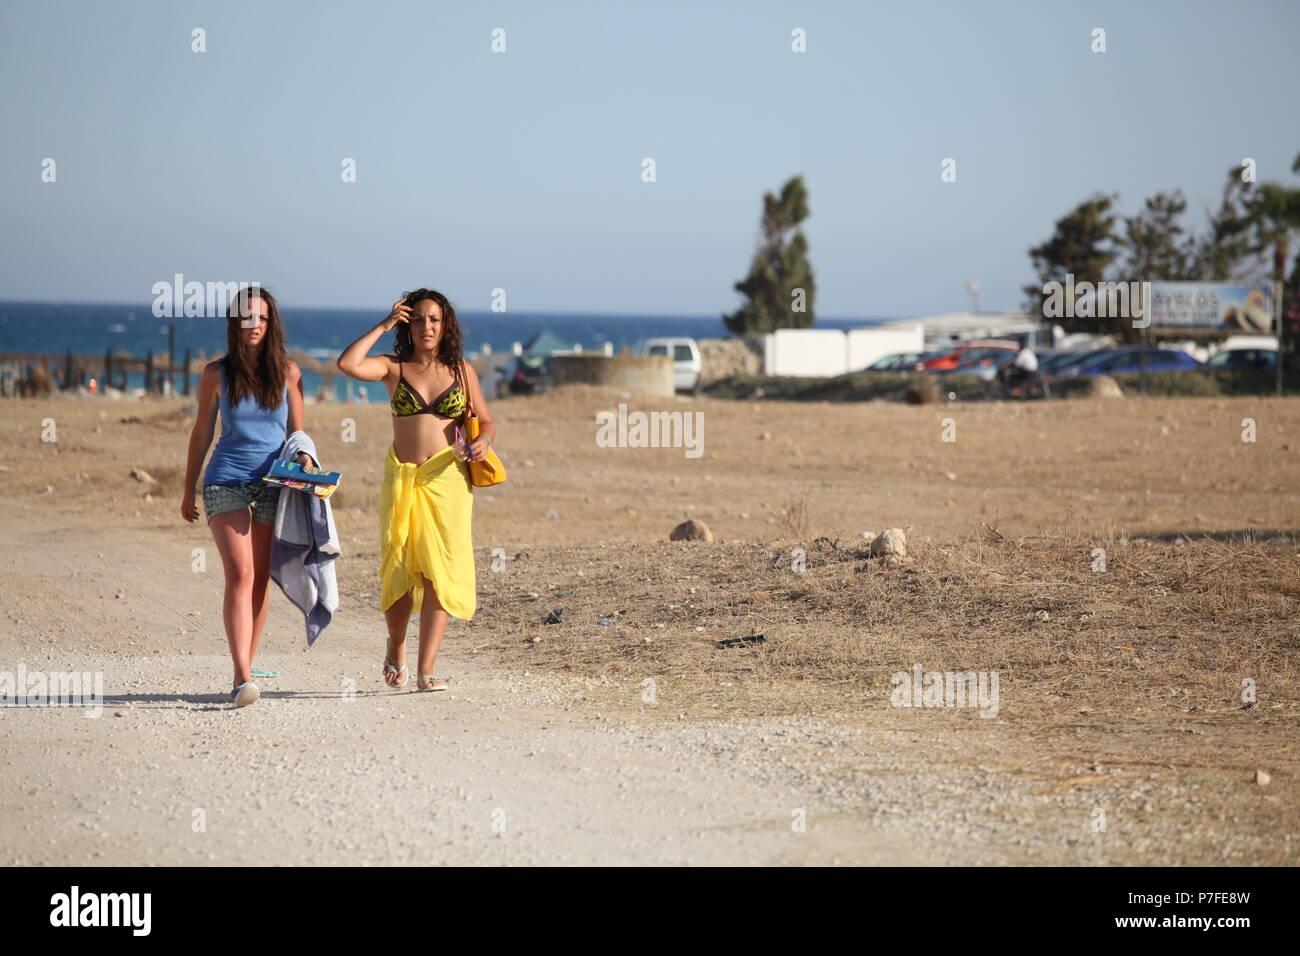 Beach Cloths Stock Photos & Beach Cloths Stock Images - Alamy